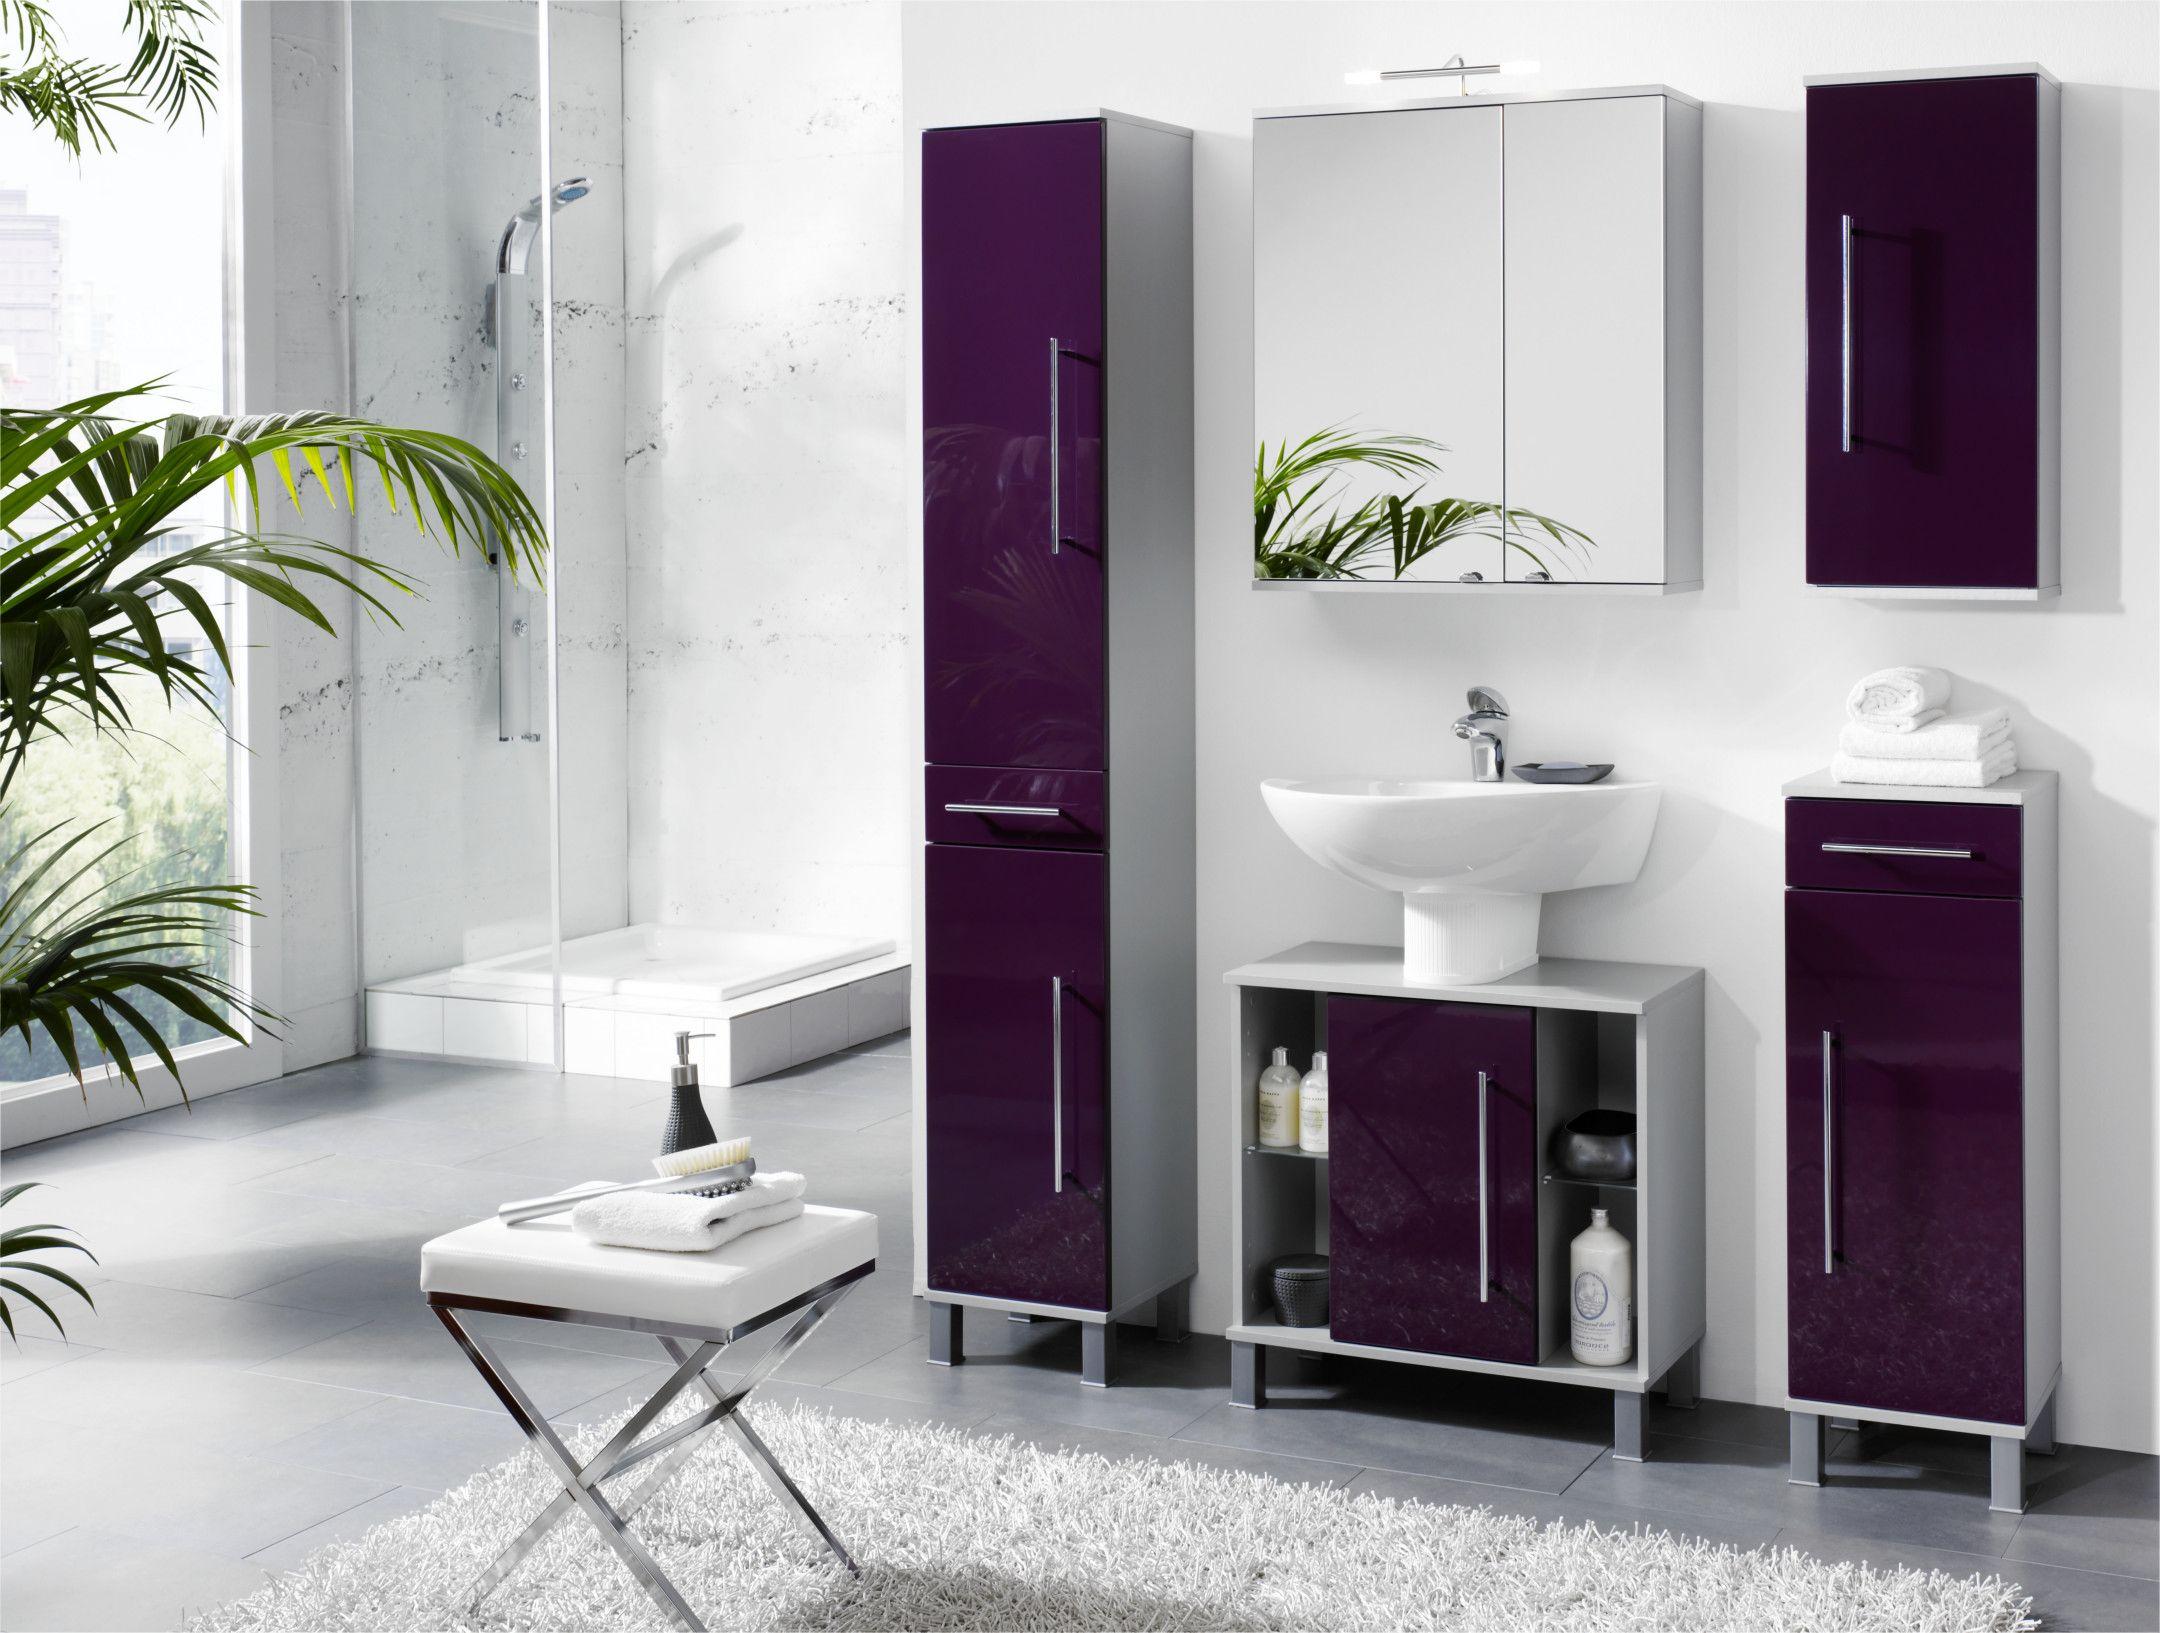 Toom Badezimmermöbel ~ Die besten 25 lila badmöbel ideen auf pinterest lila badezimmer